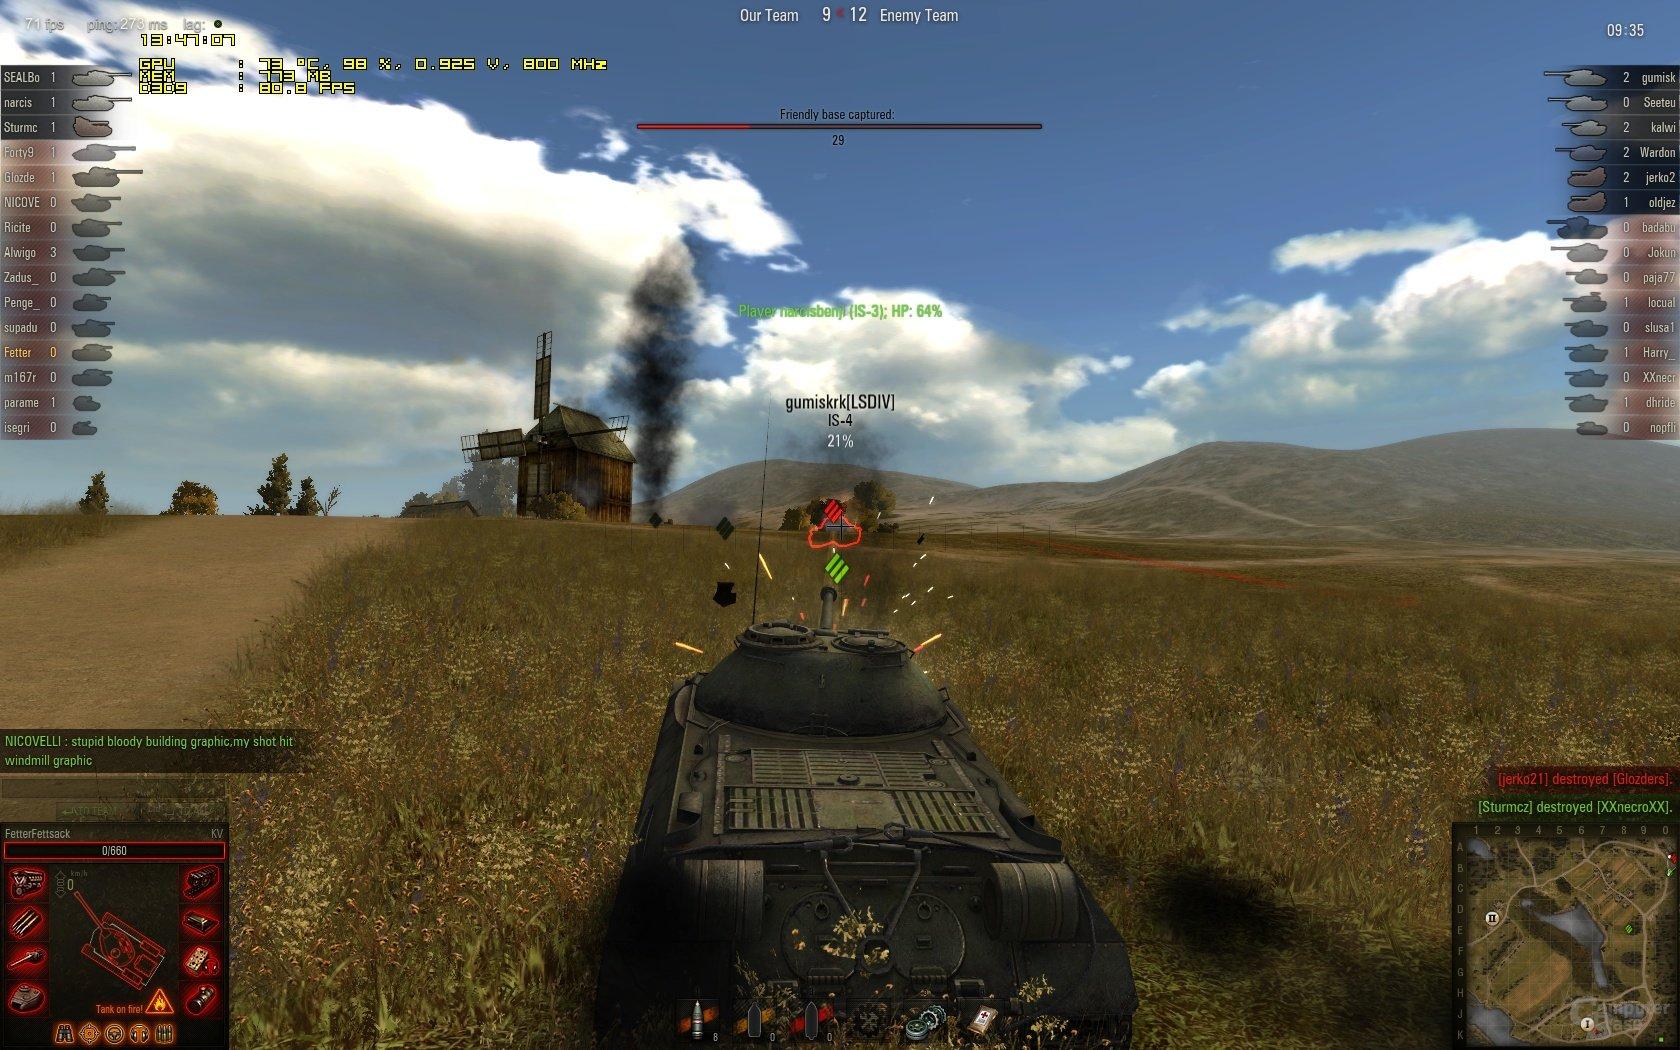 Welt der Panzer Matchmaking-Geschicklichkeit